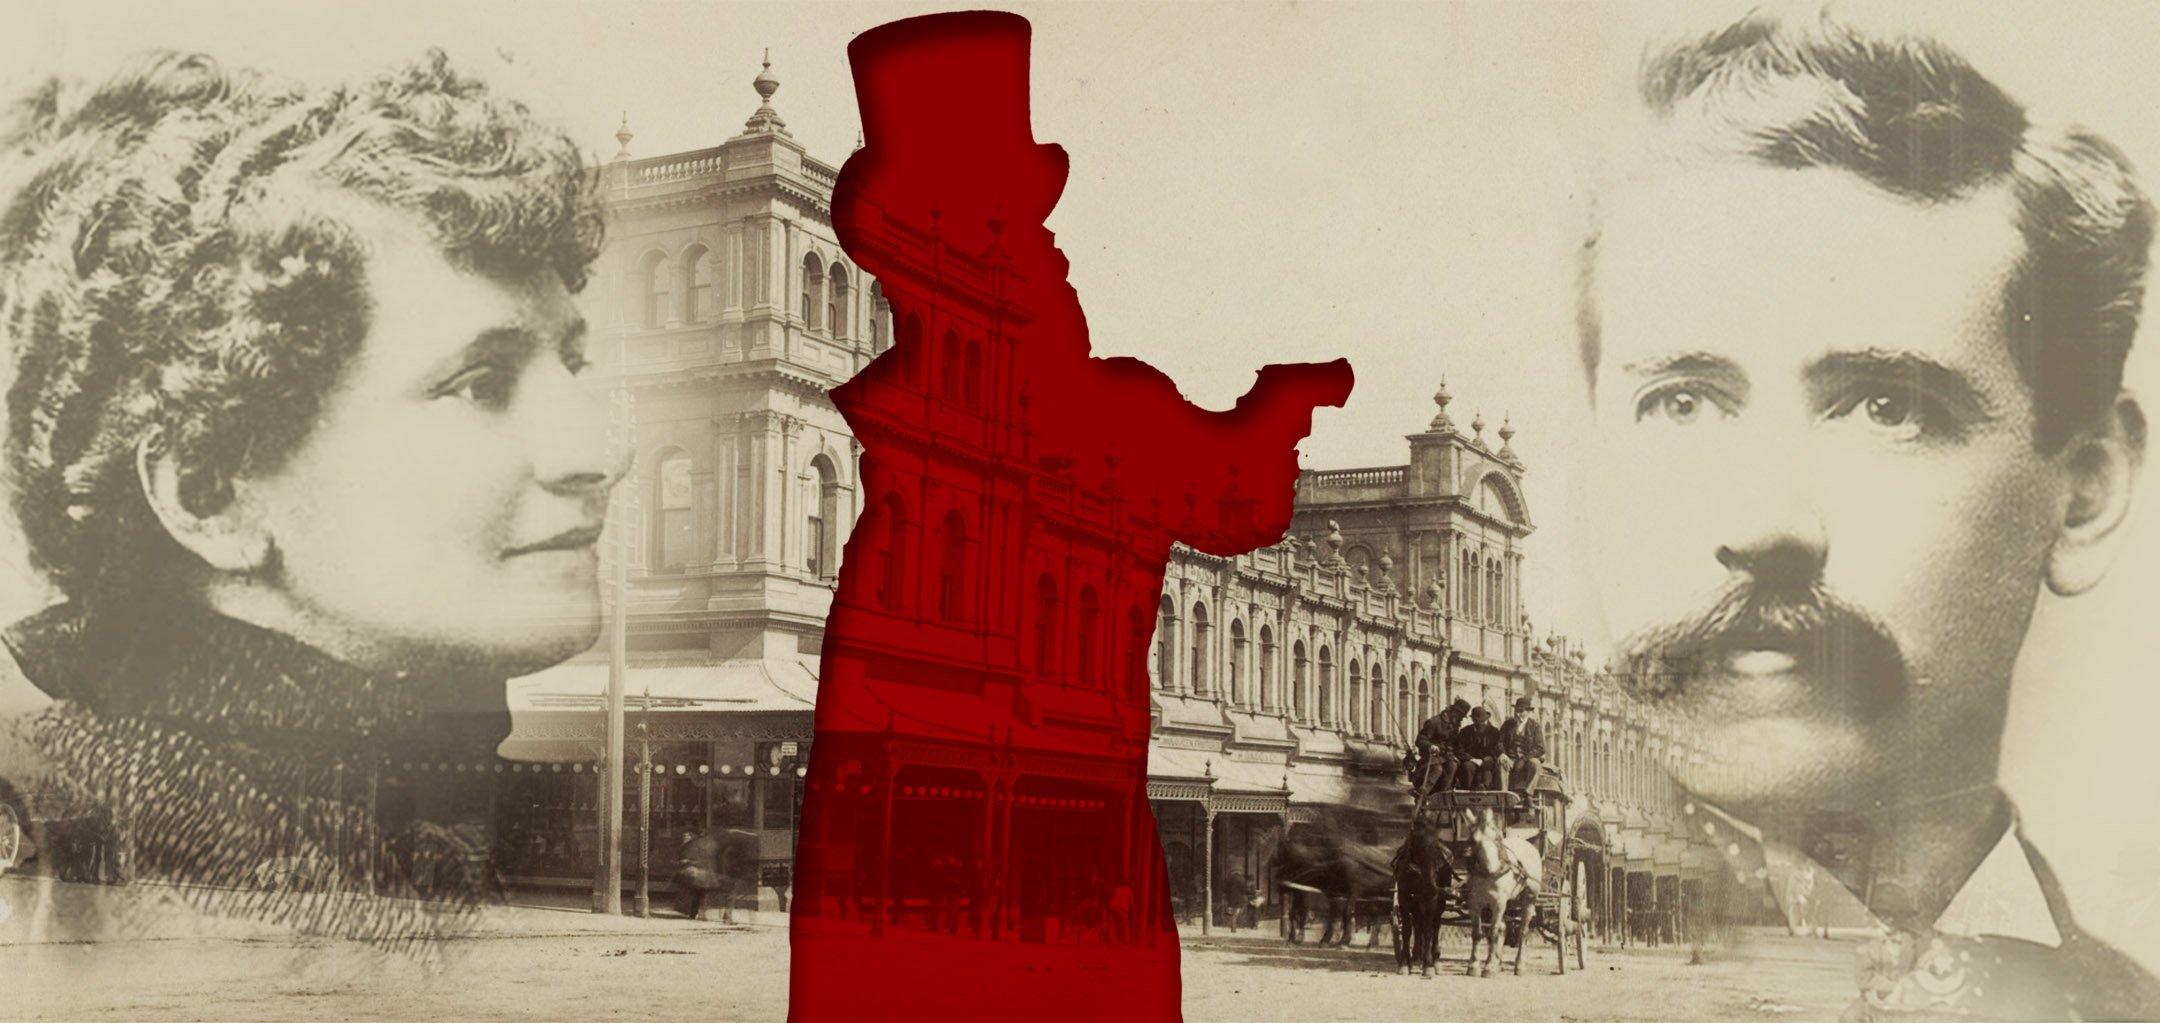 Eastern Market Murder promotional image